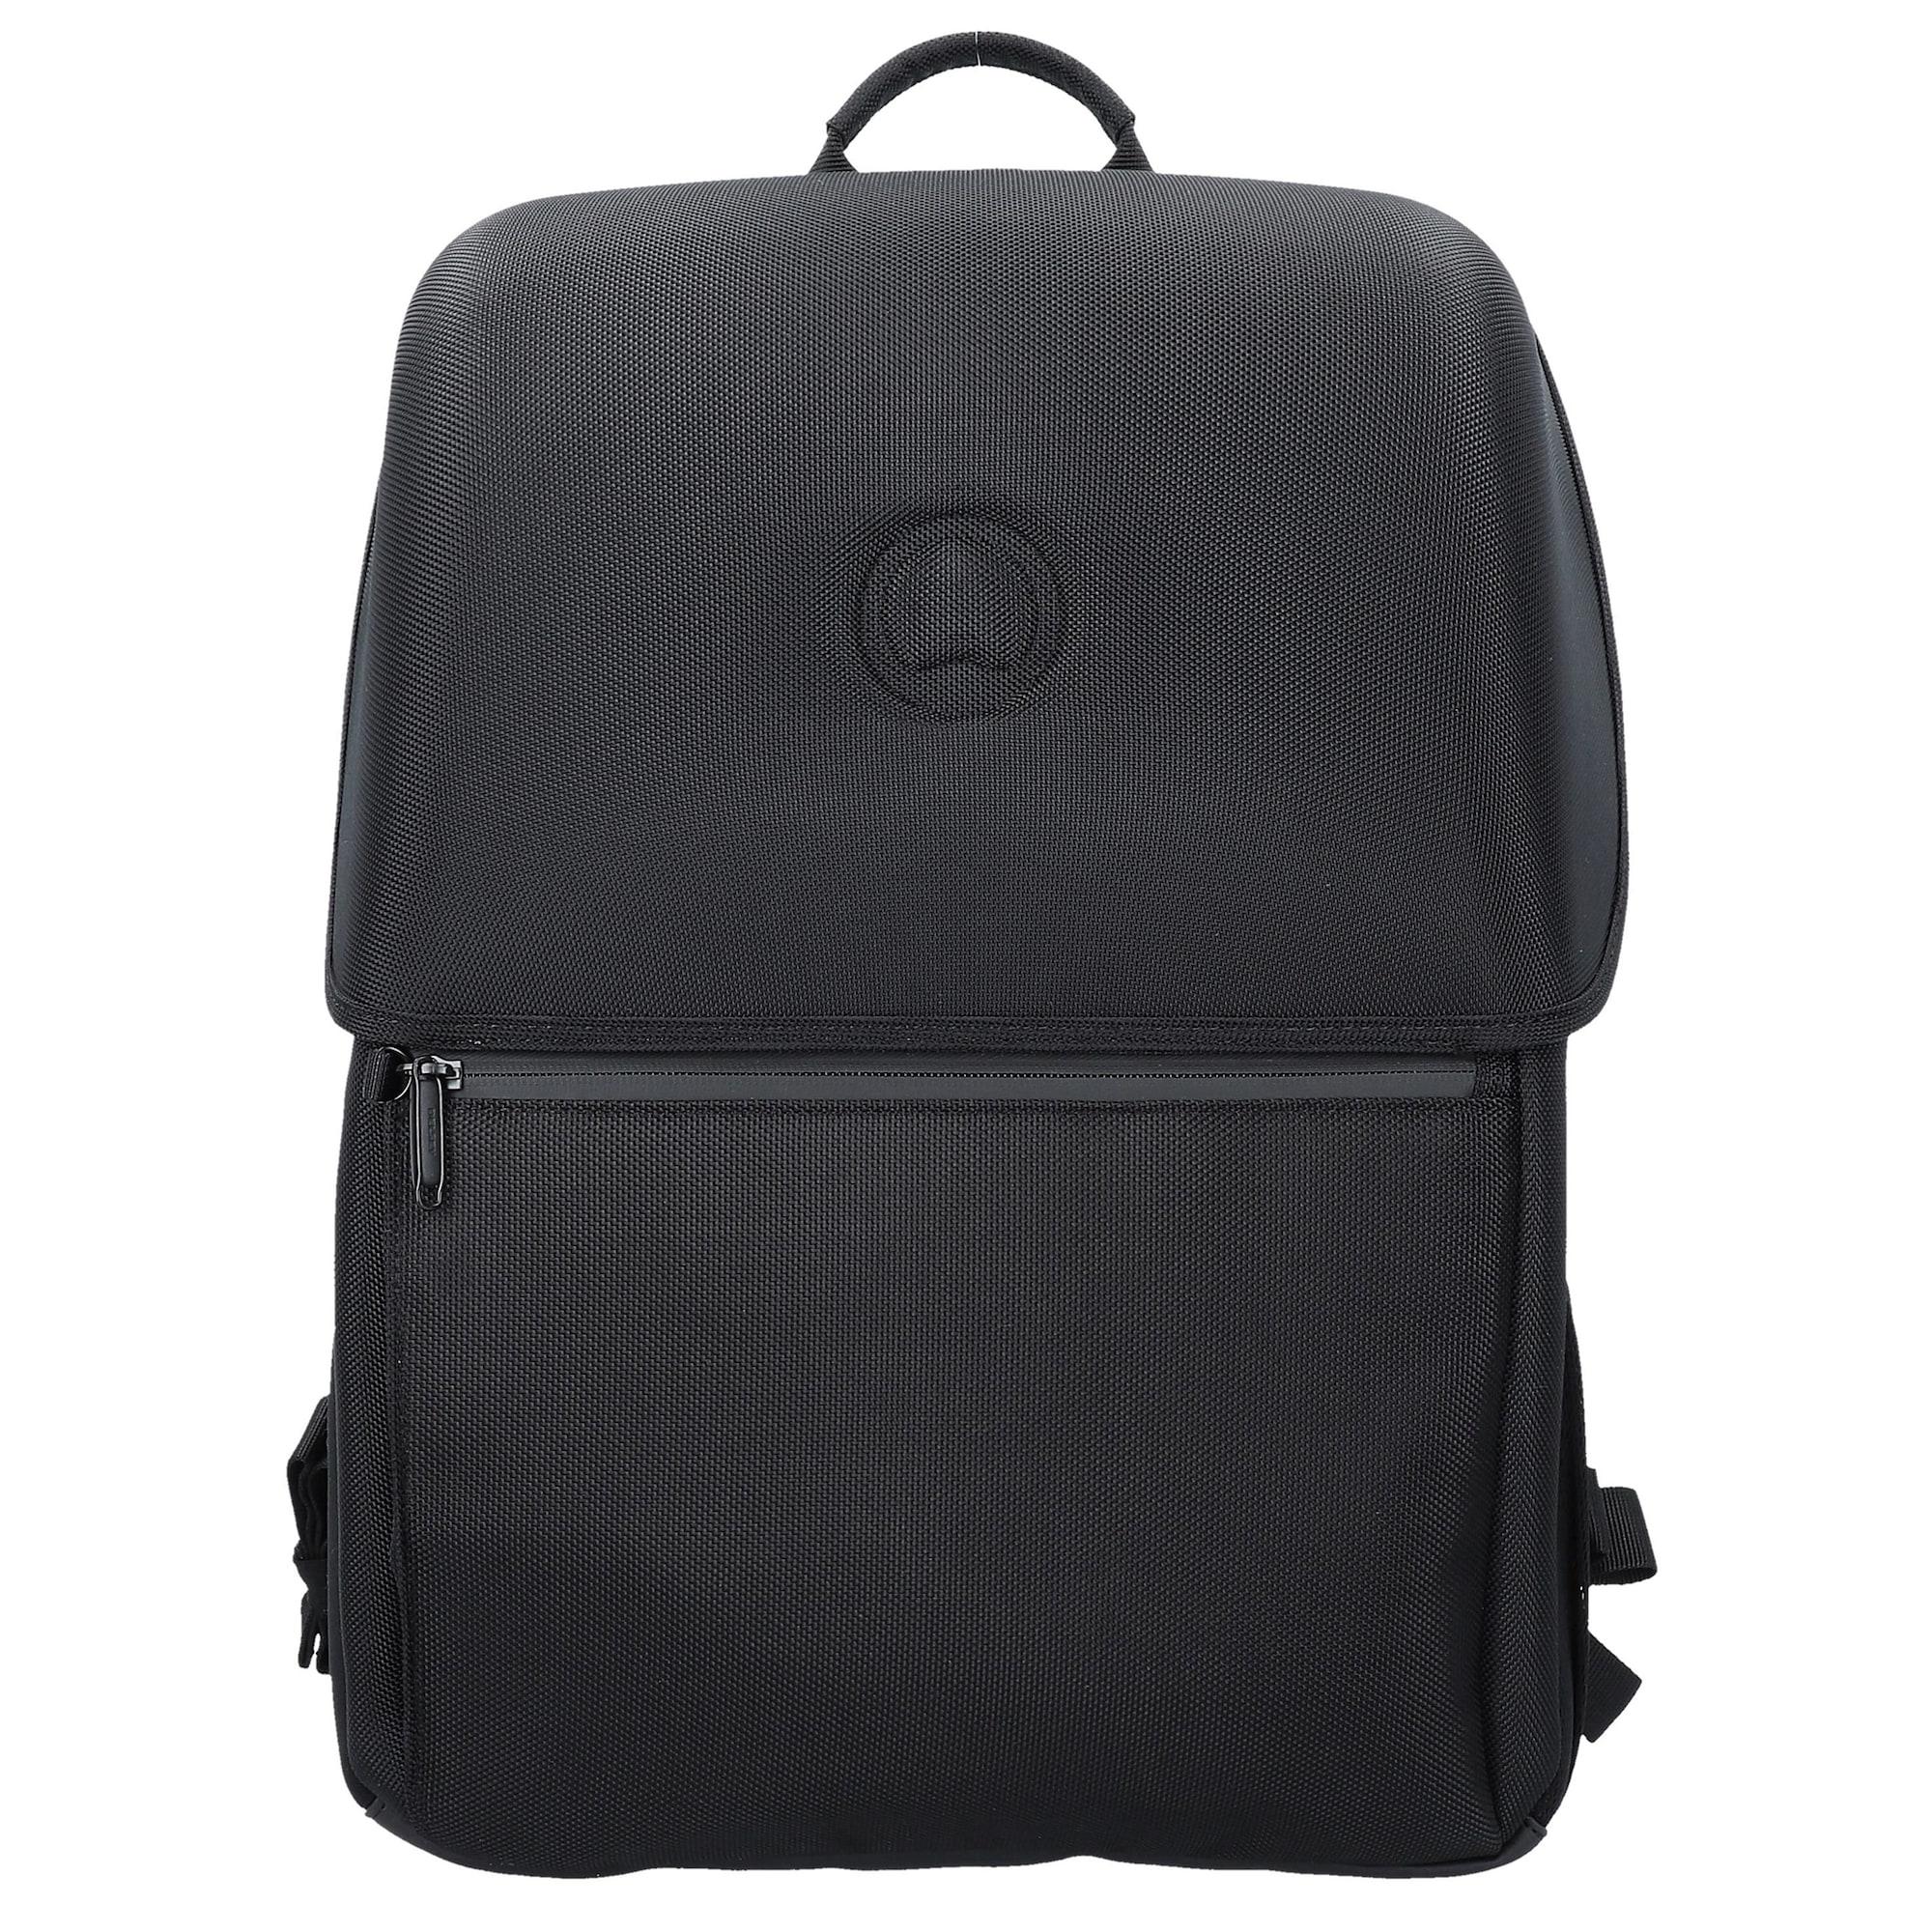 Businessrucksack 'Laumiere' | Taschen > Businesstaschen > Business Rucksäcke | Delsey